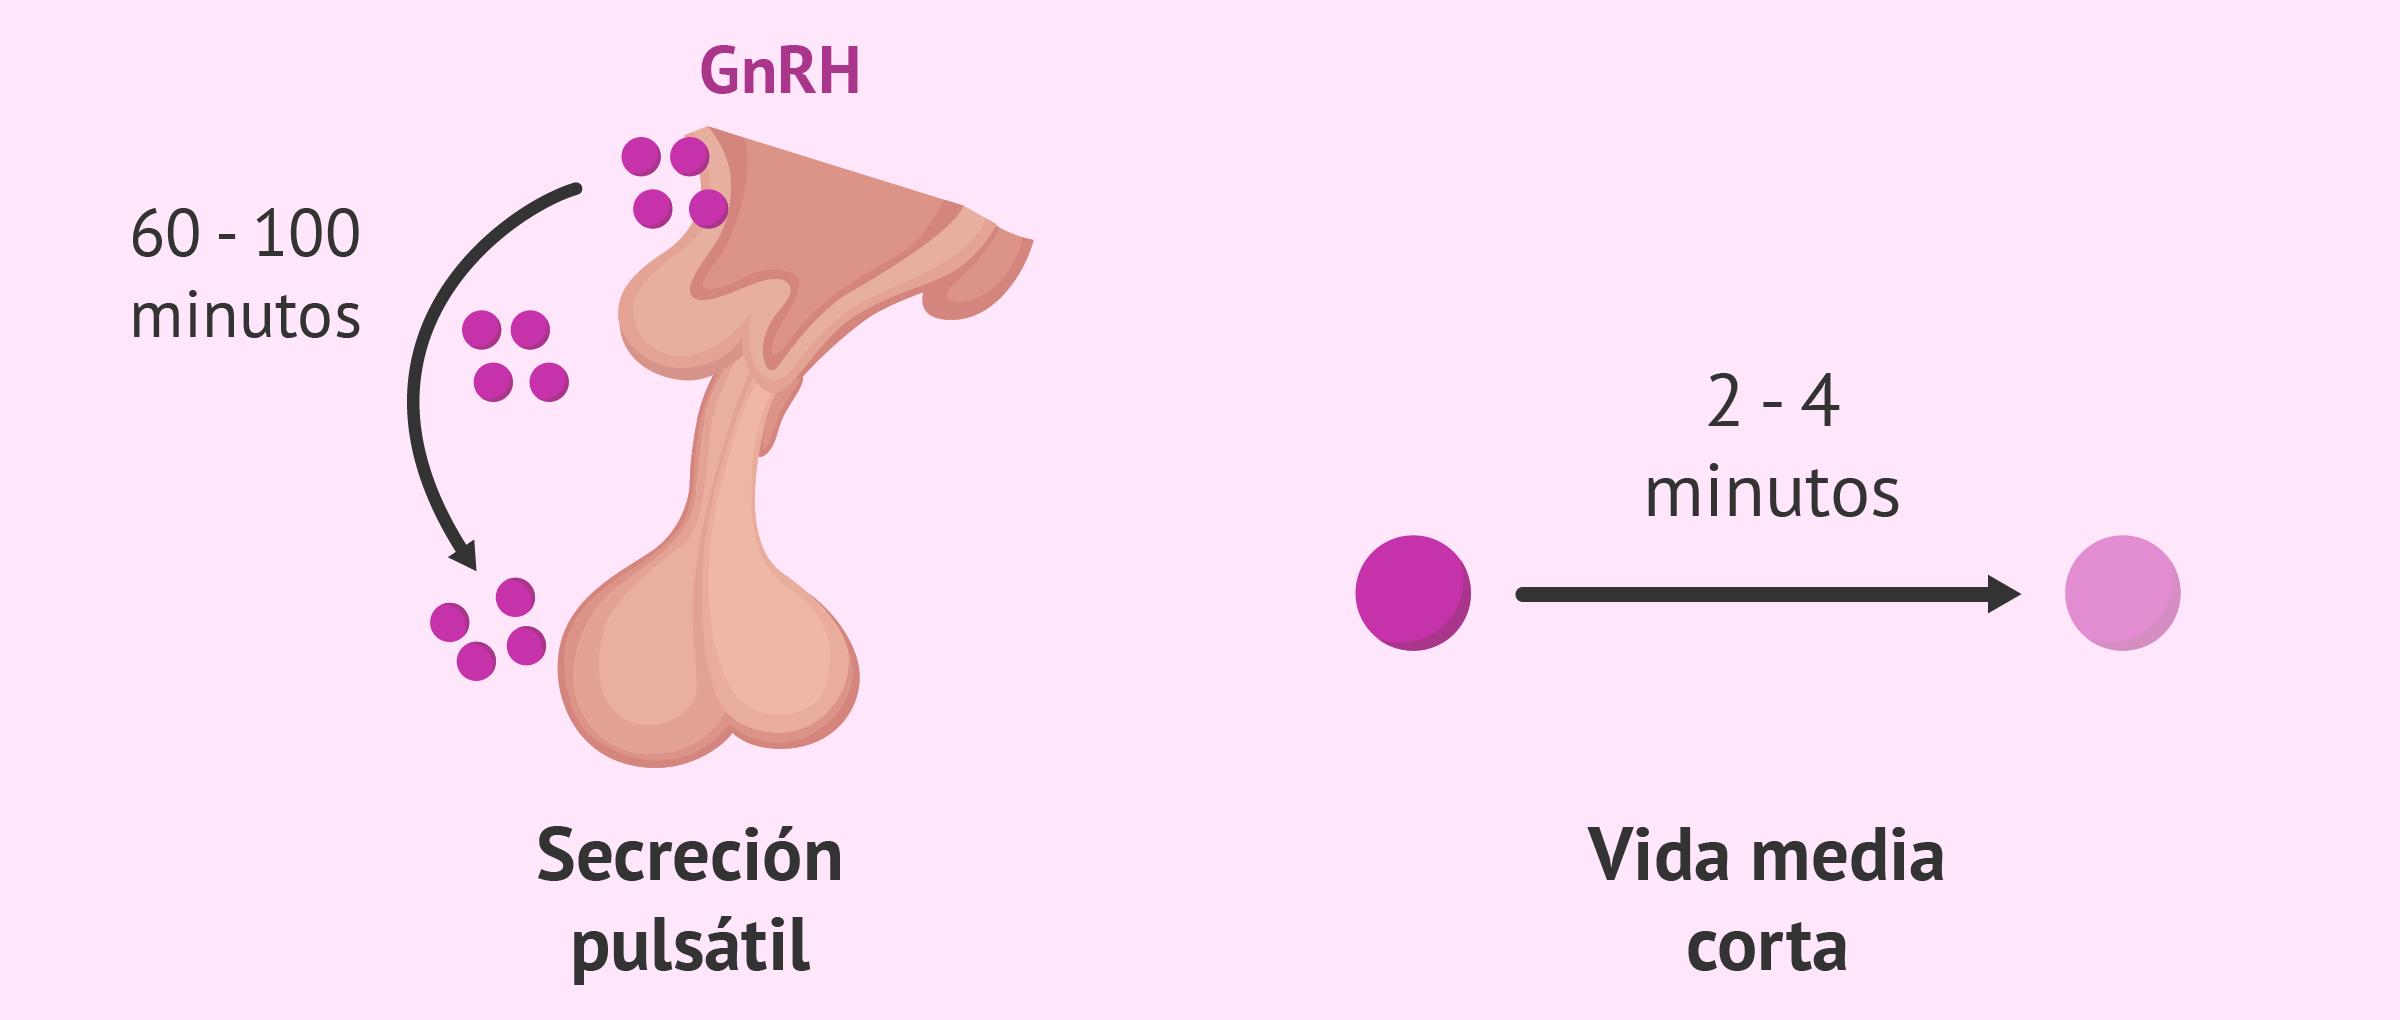 Hormonas análogas a la GnRH